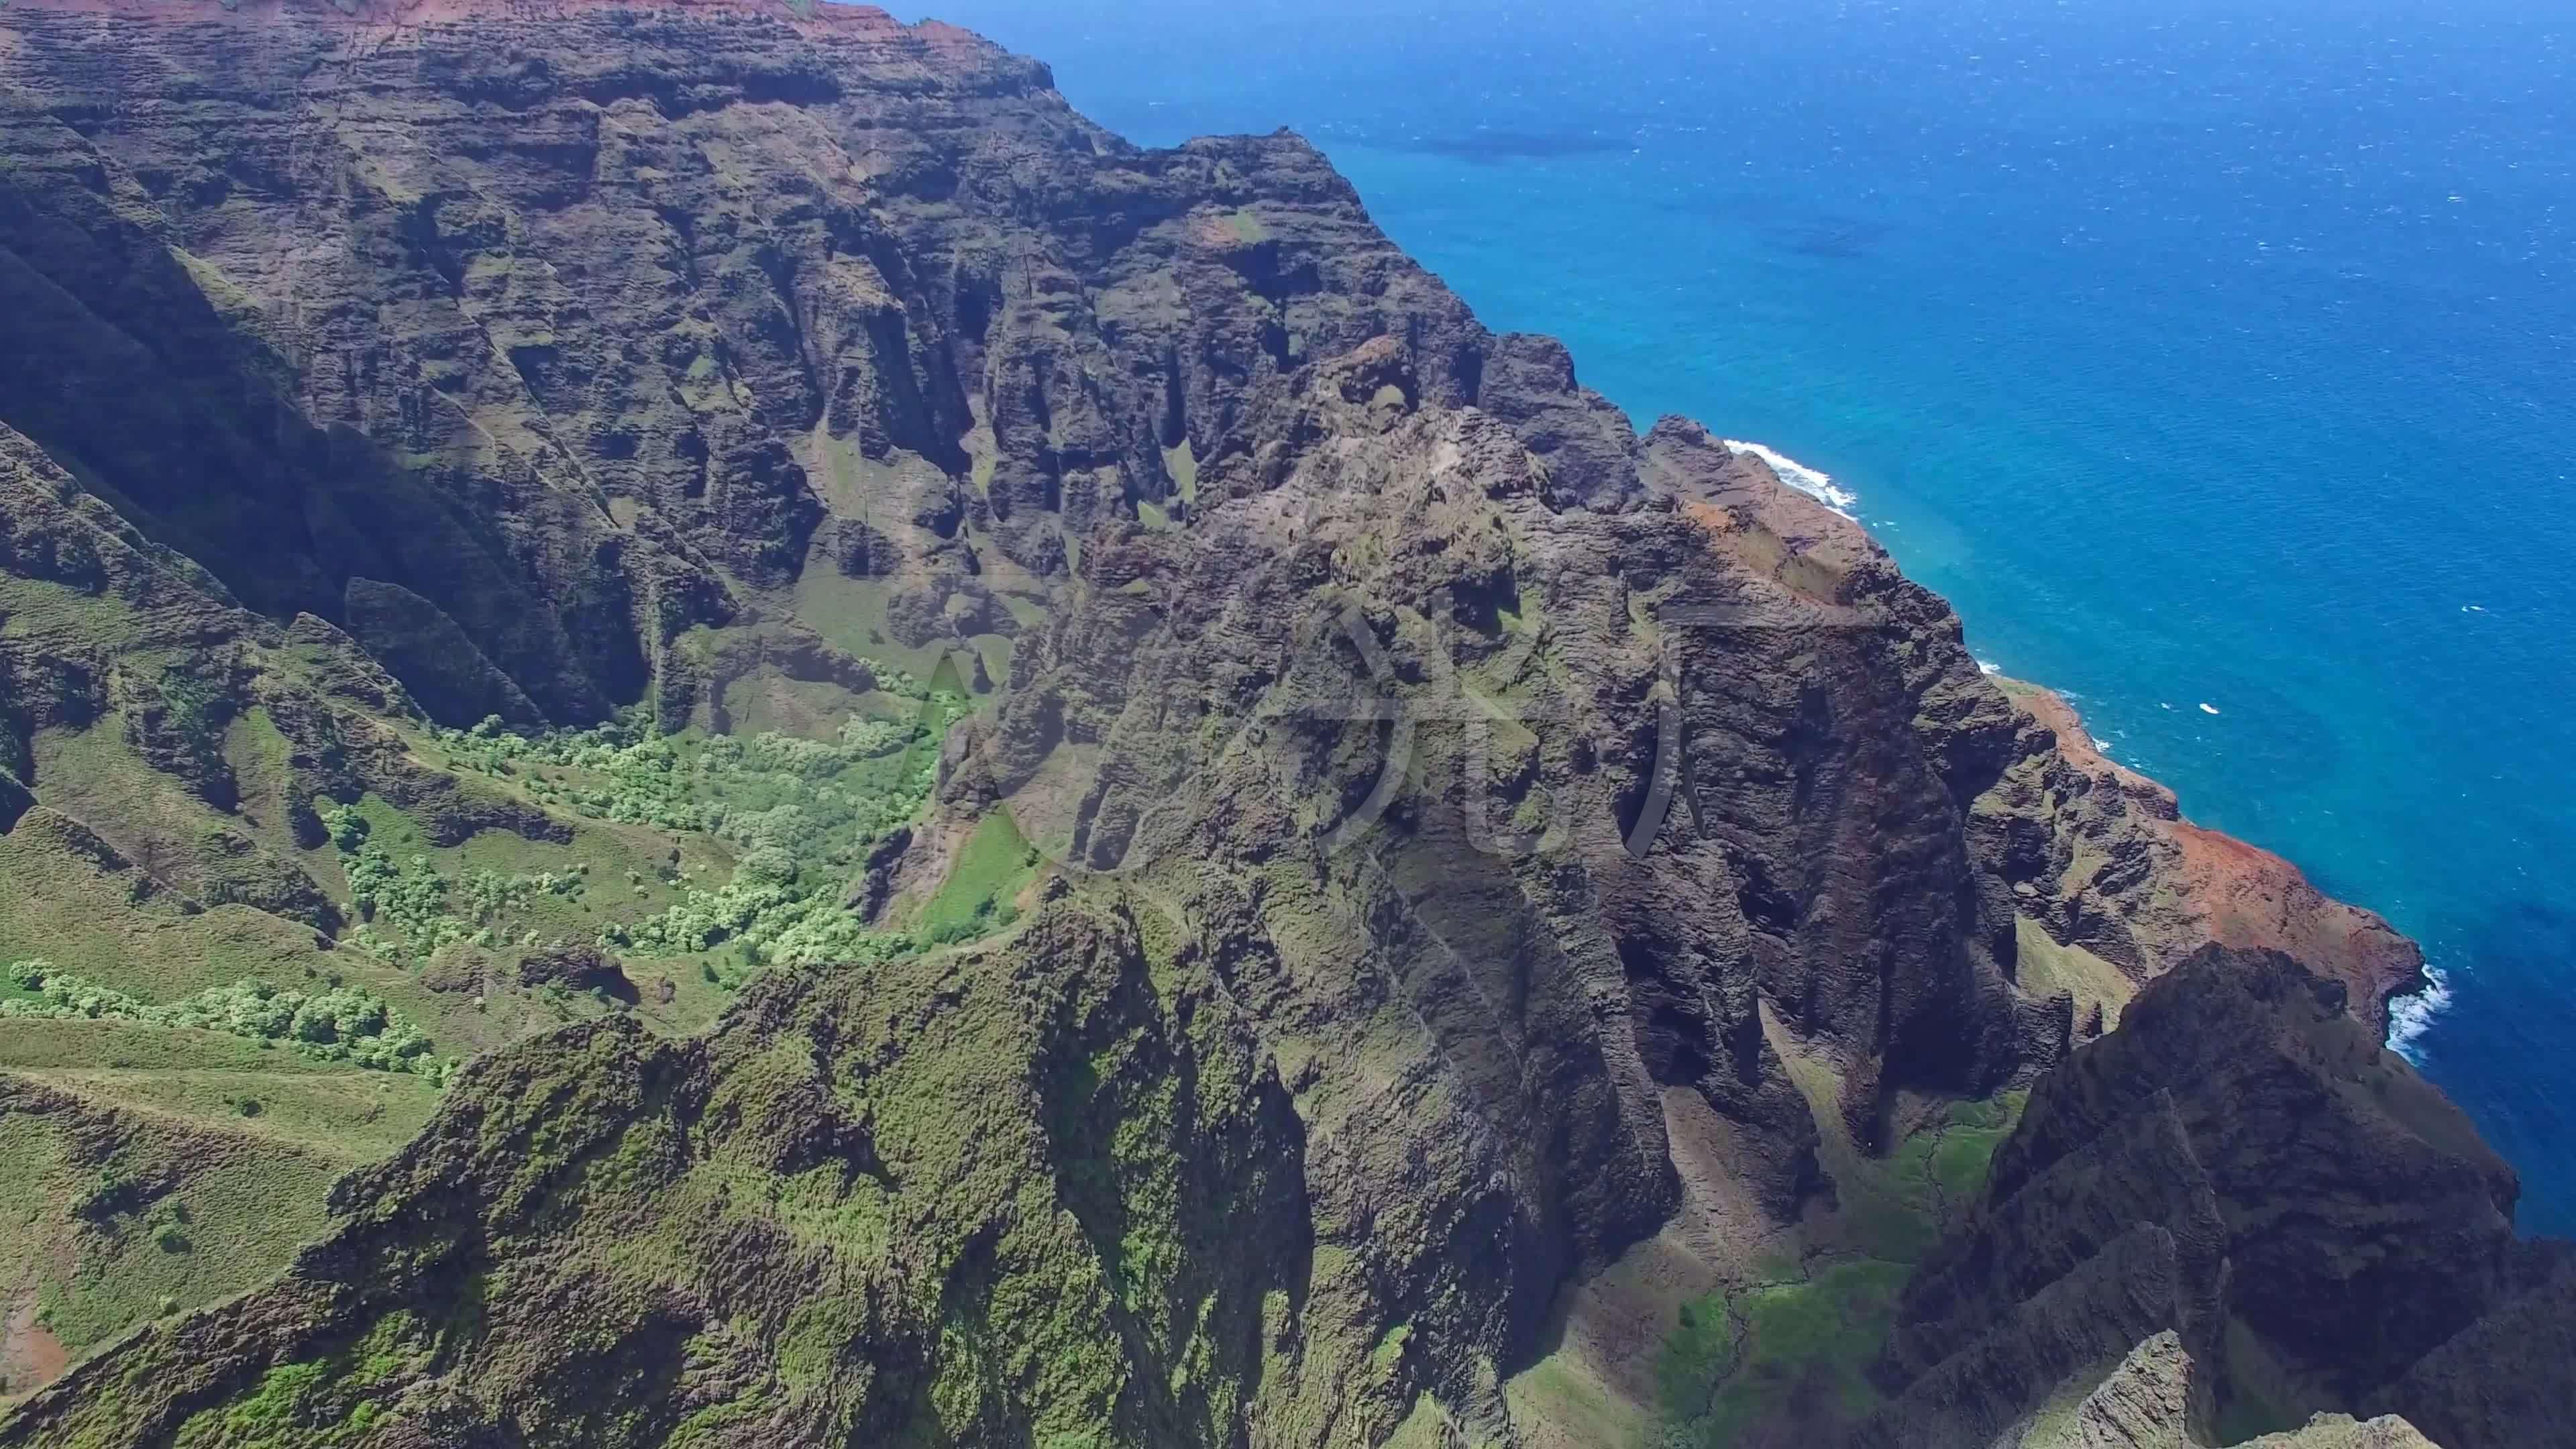 航拍美国夏威夷考艾岛岛屿山林海岸6000